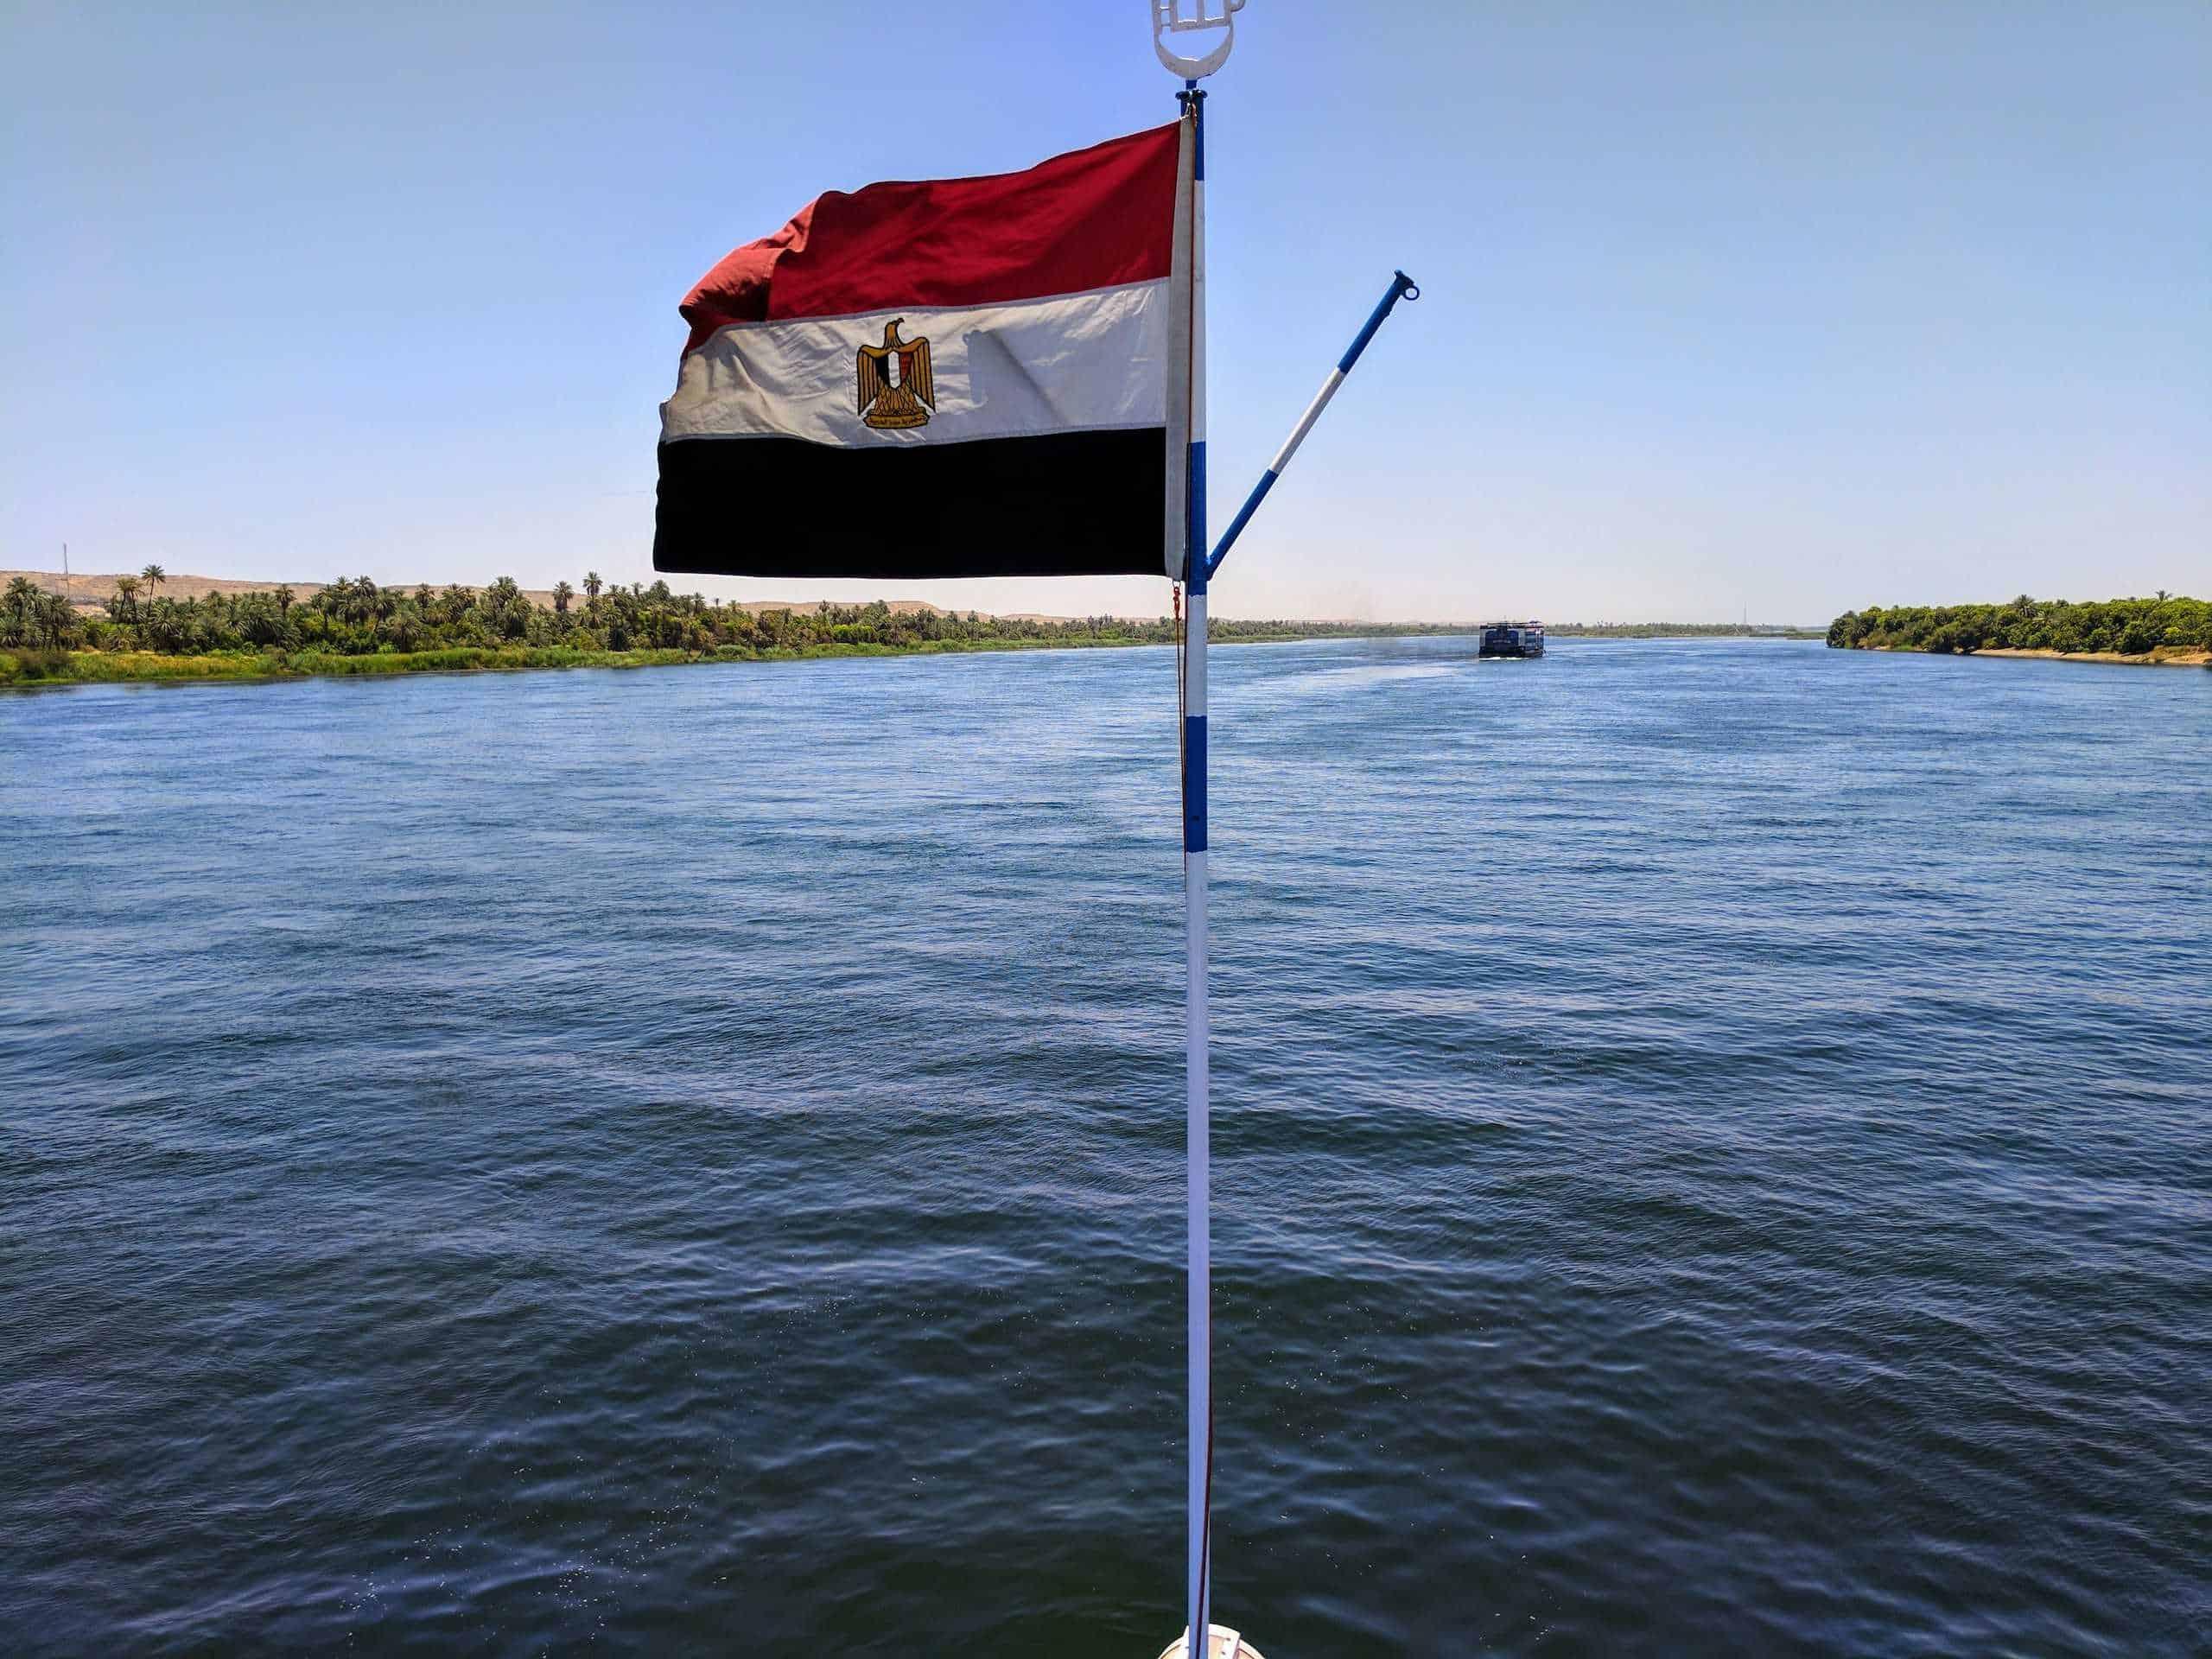 Bandeira do Egito em navio de cruzeiro no Nilo.